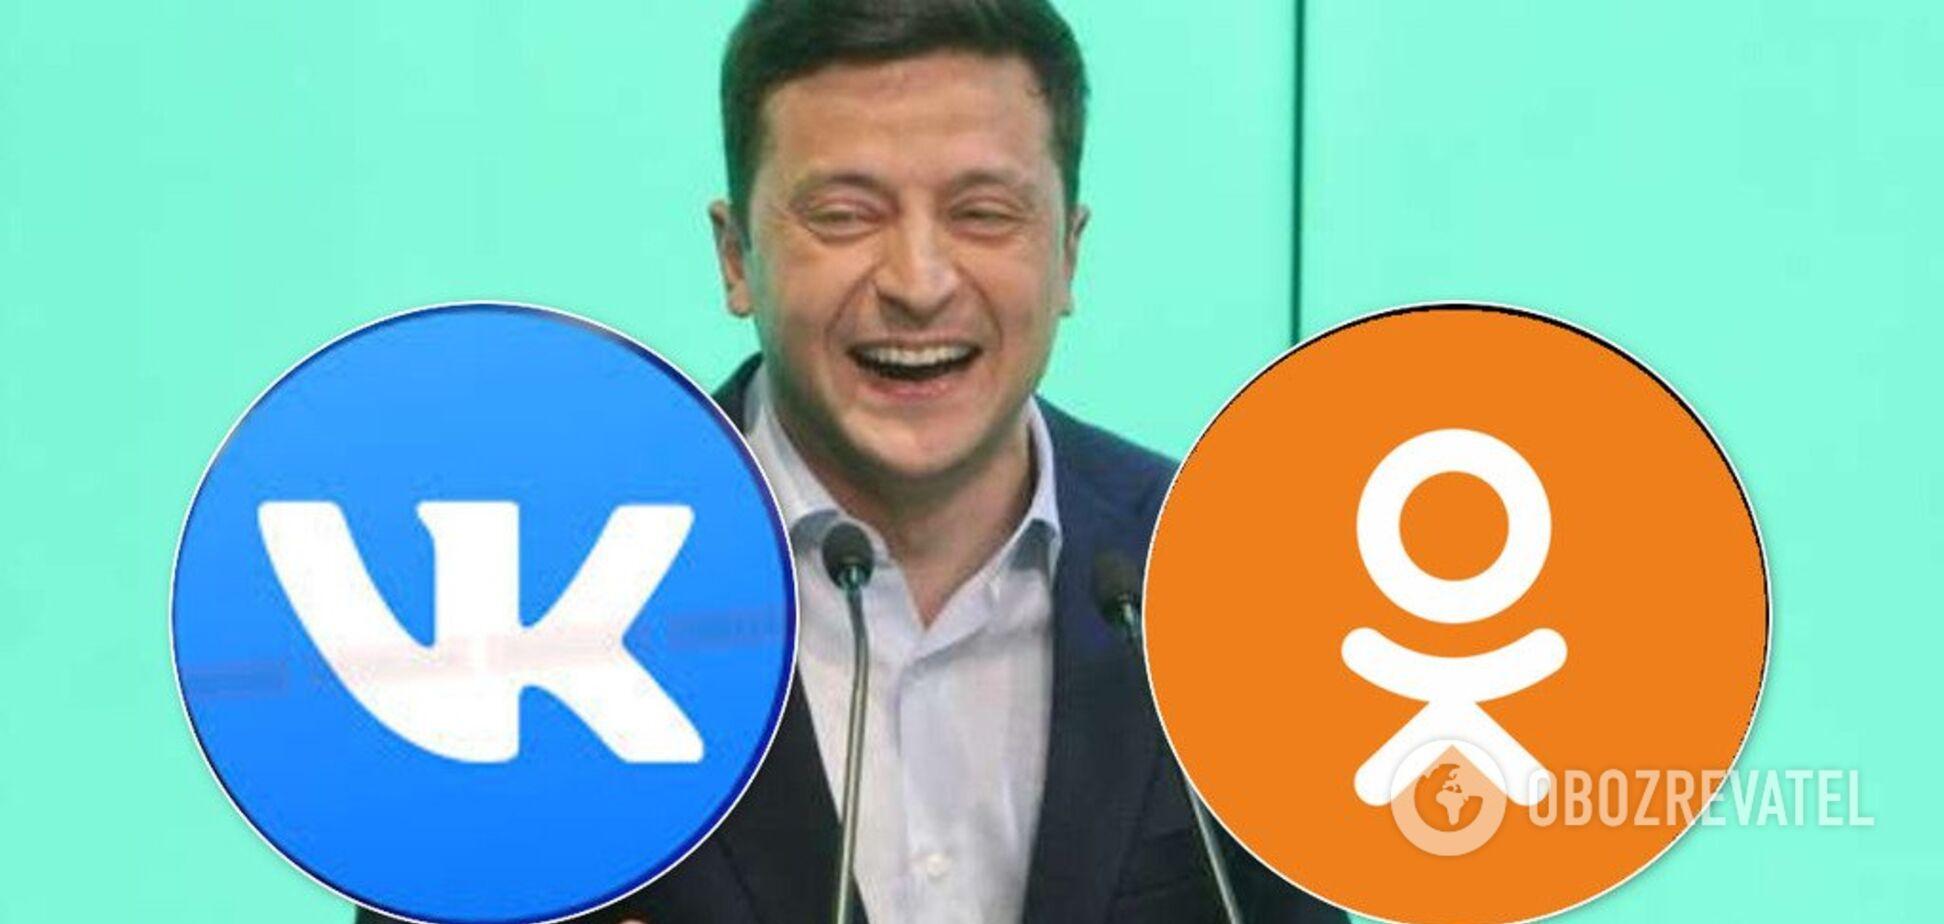 Зеленський може повернути в Україну 'ВКонтакте' та 'Однокласники': що відомо